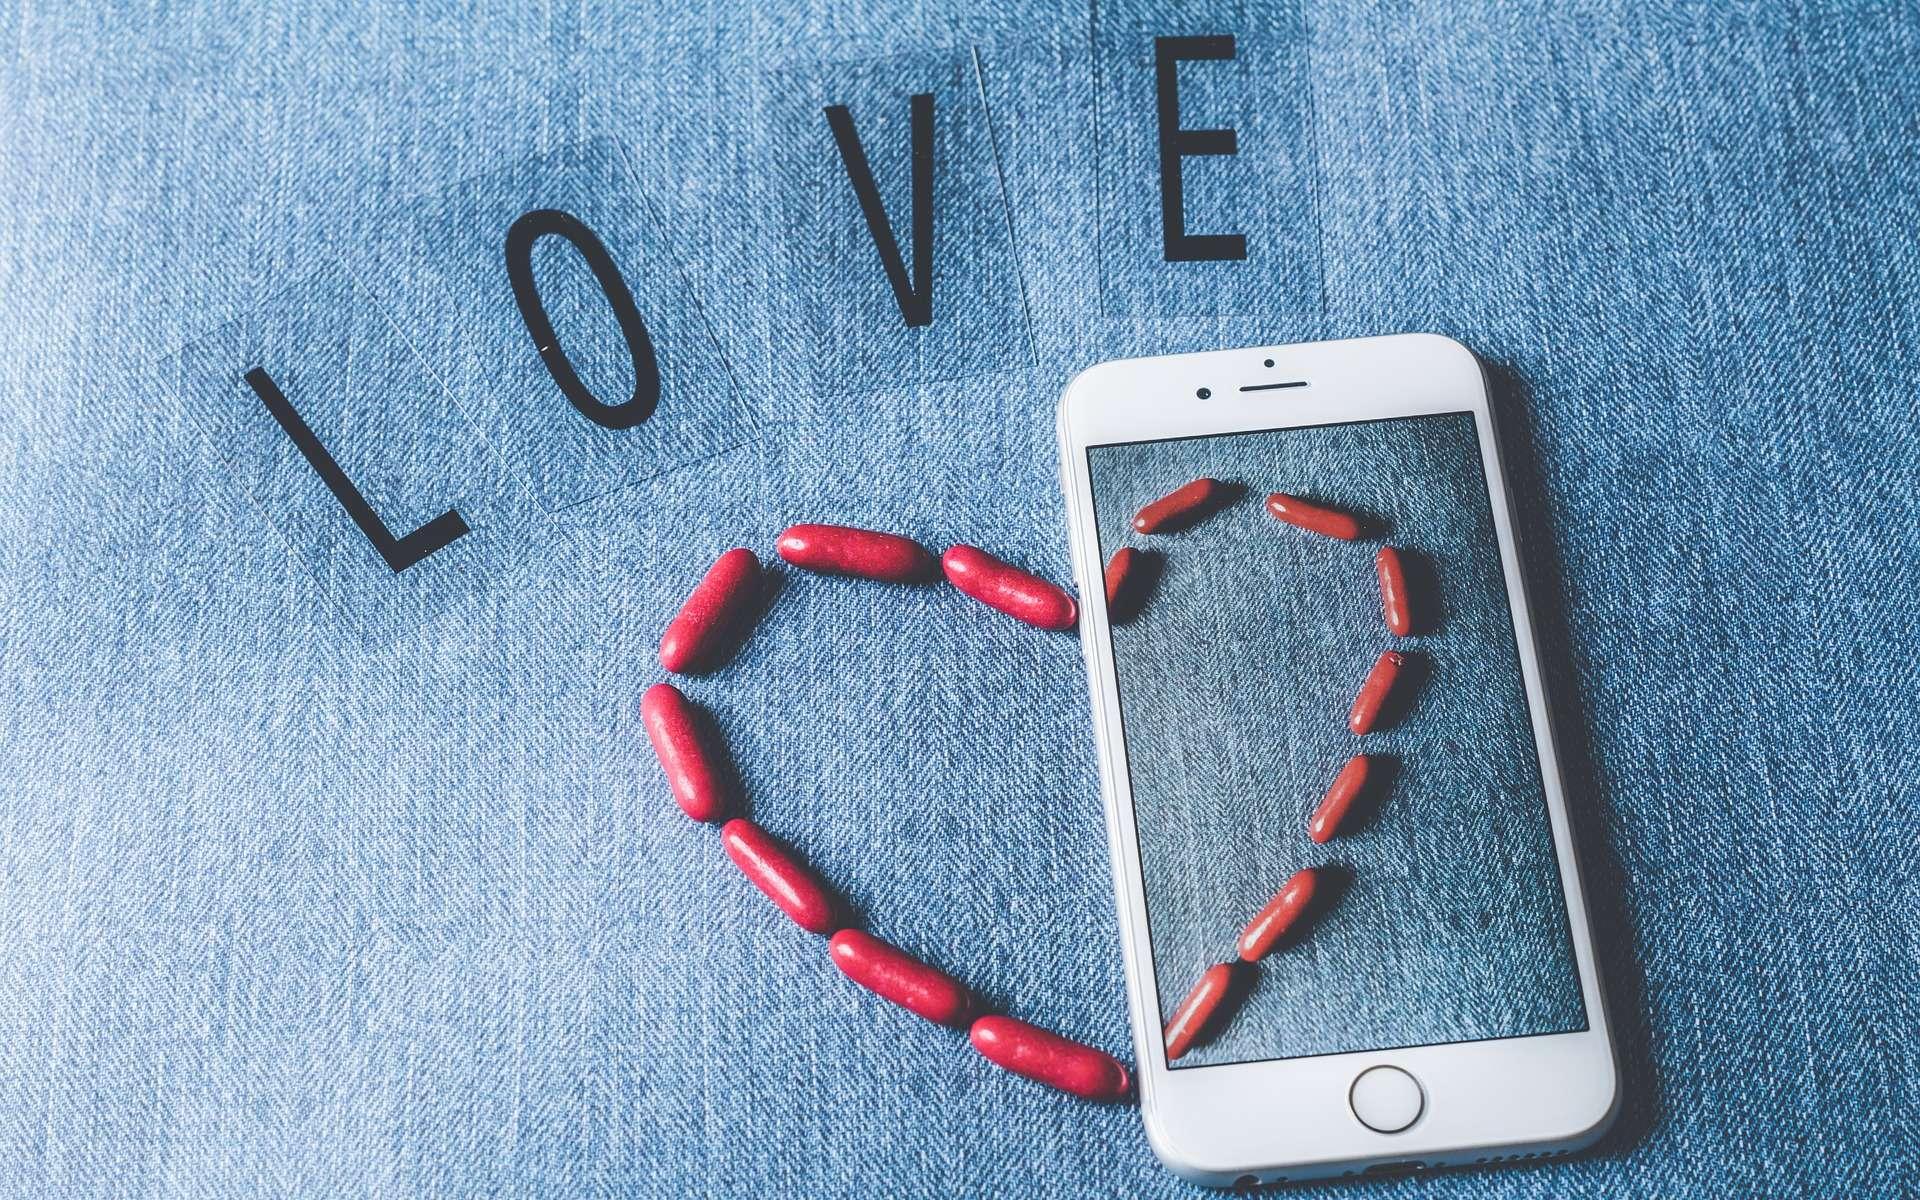 Pour se donner un maximum de chances de décrocher un rendez-vous, il vaut mieux posséder un iPhone. © Nietjuh, Pixabay